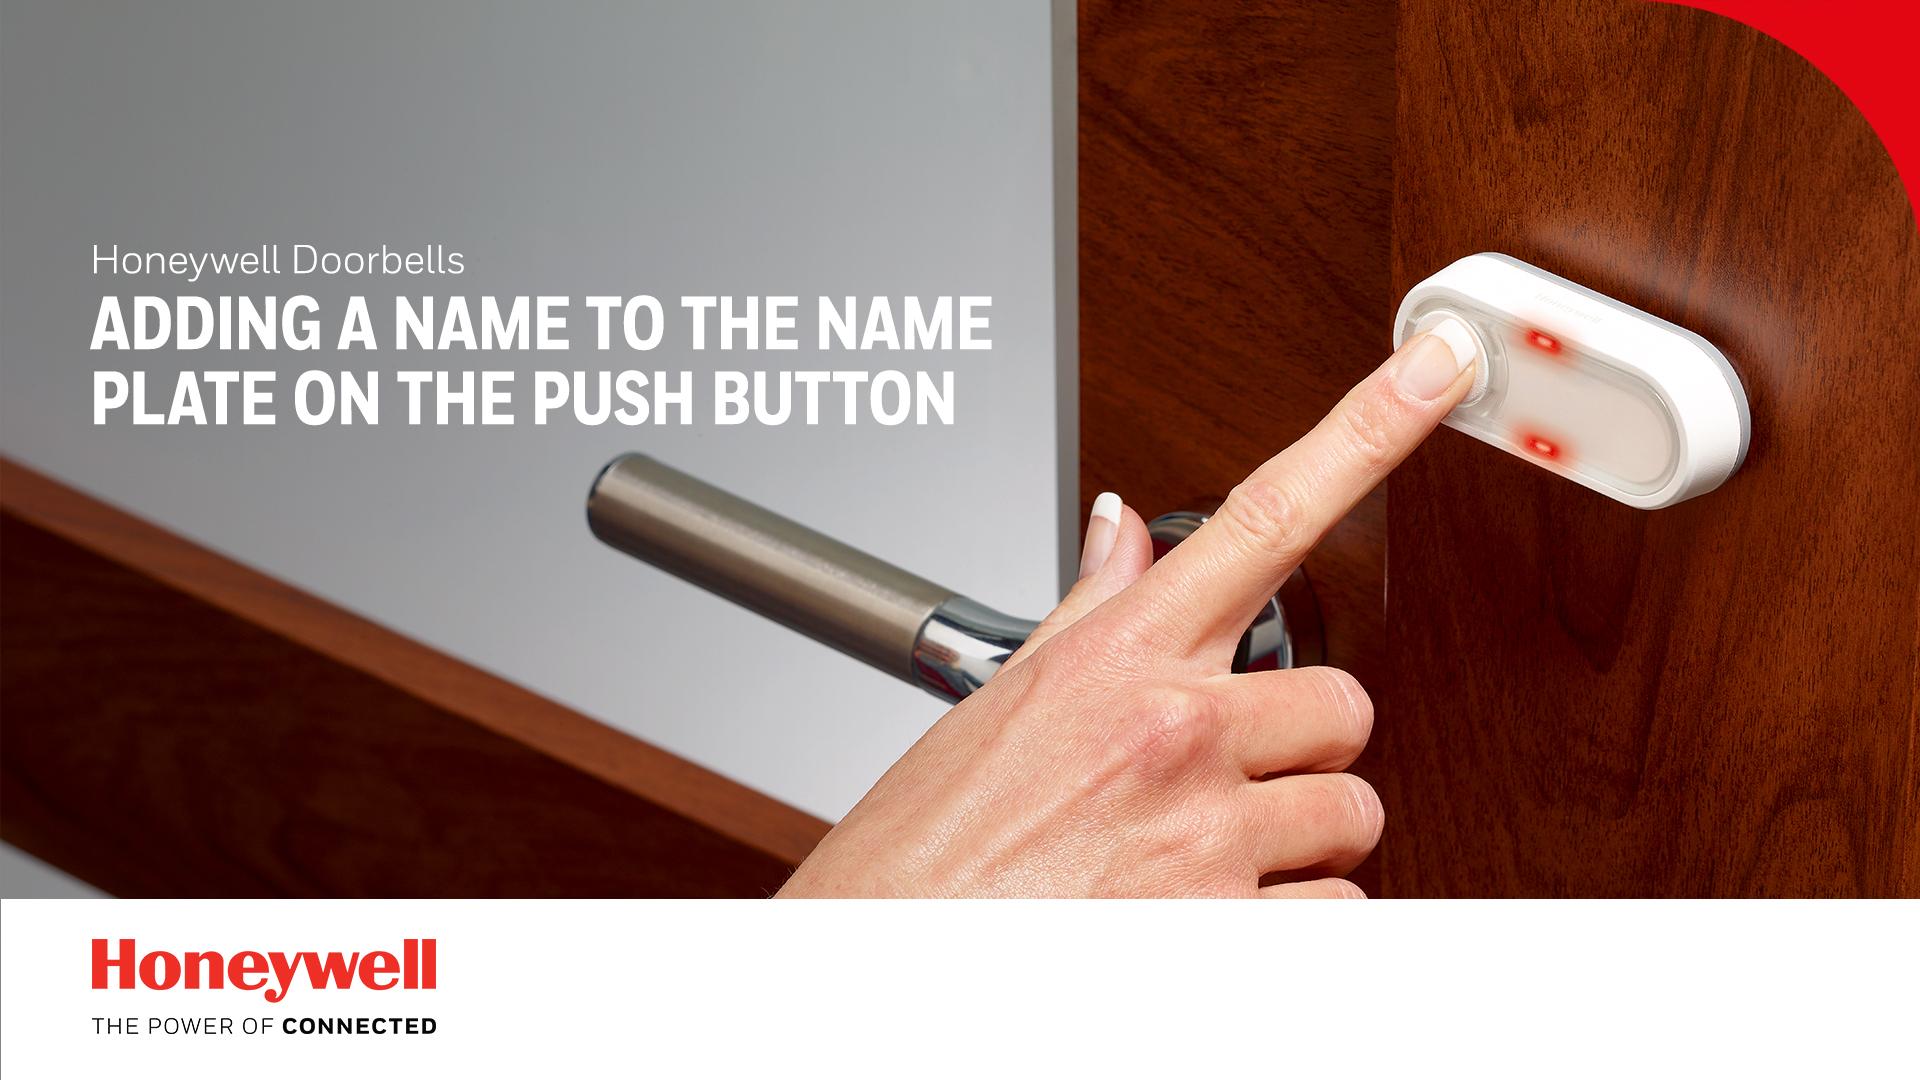 Umieszczanie nazwiska na płytce na przycisku dzwonka